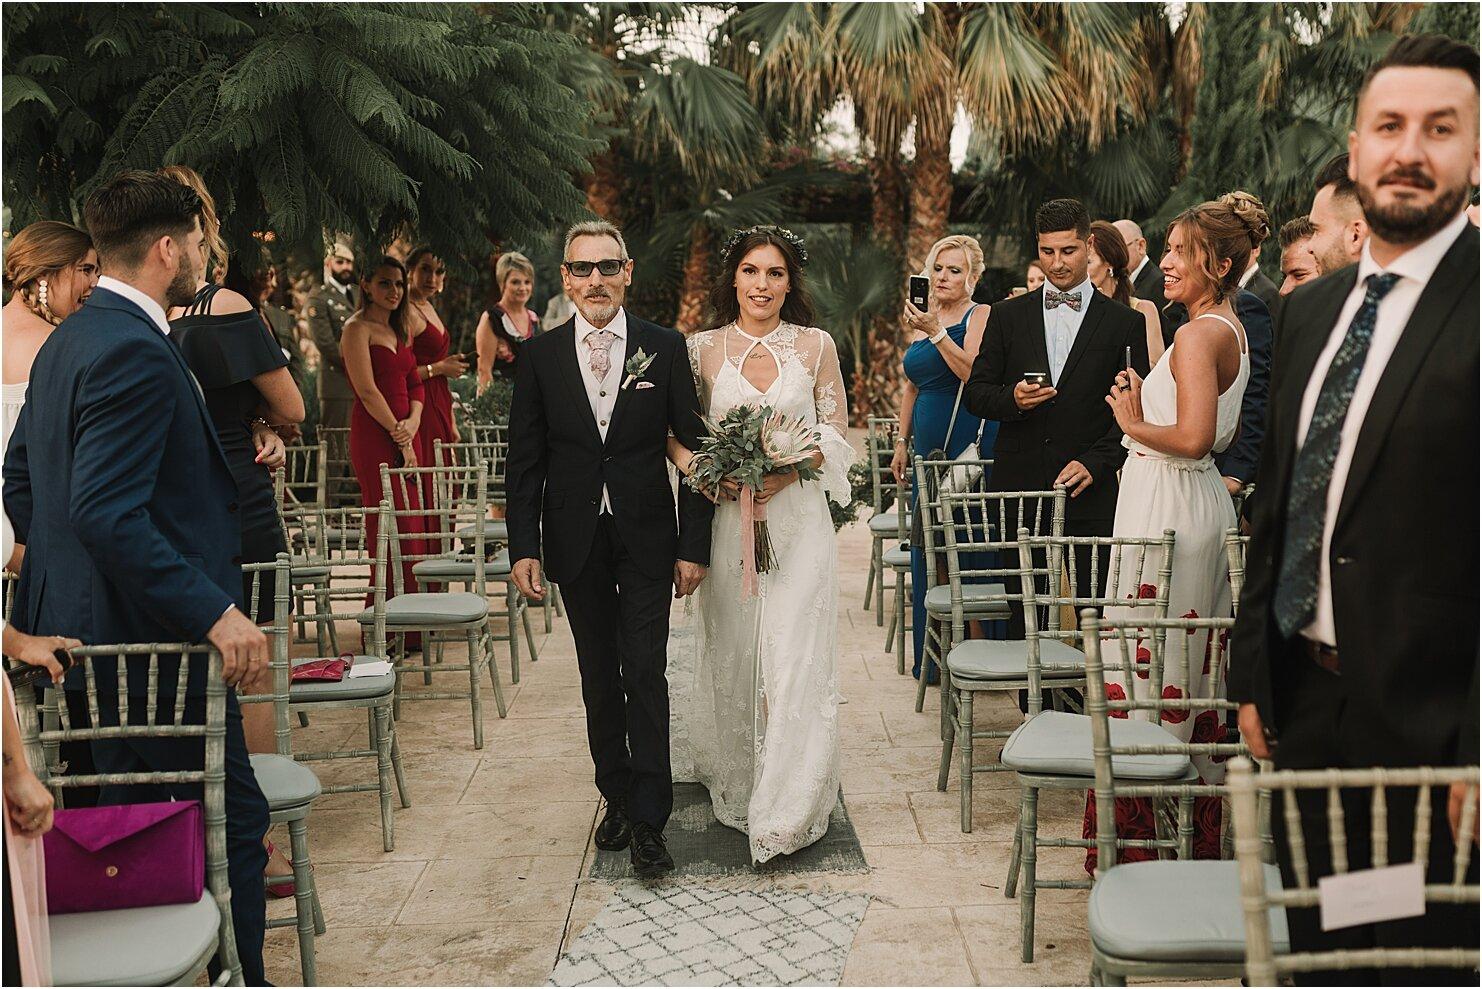 boda-romantica-boda-boho-vestido-de-novia-laura-lomas14.jpg